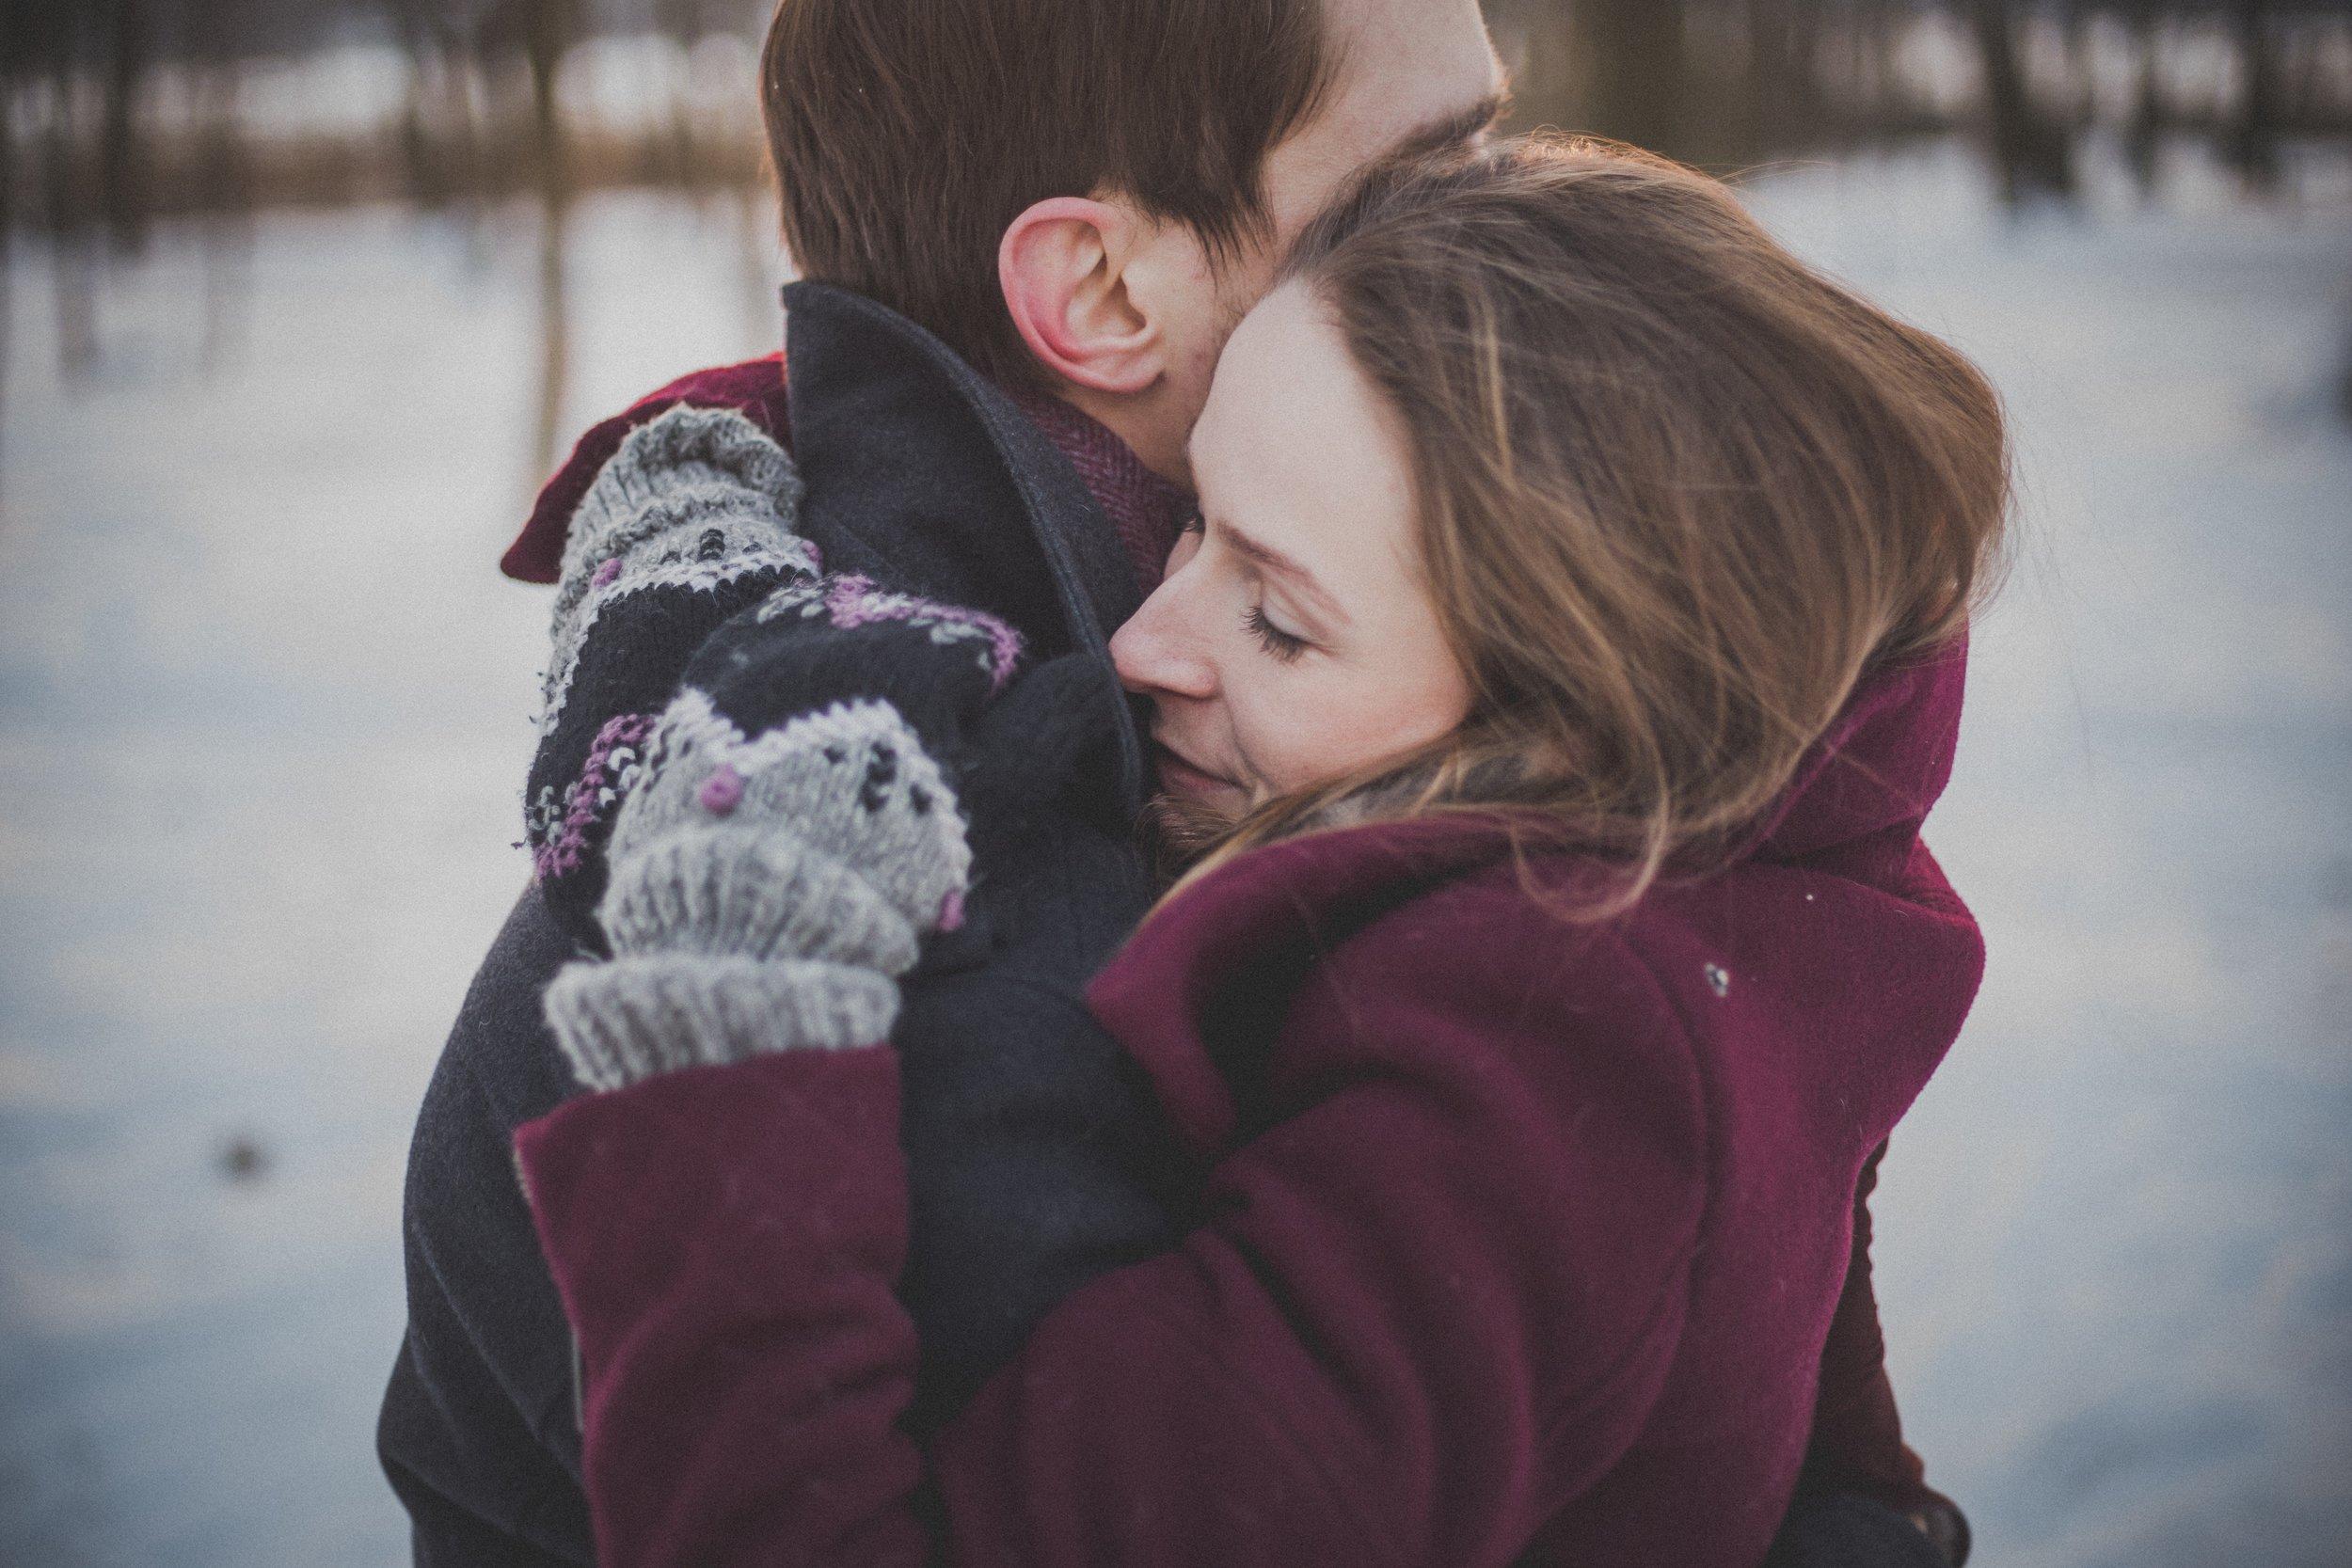 couple-hug-hugging-45644.jpg